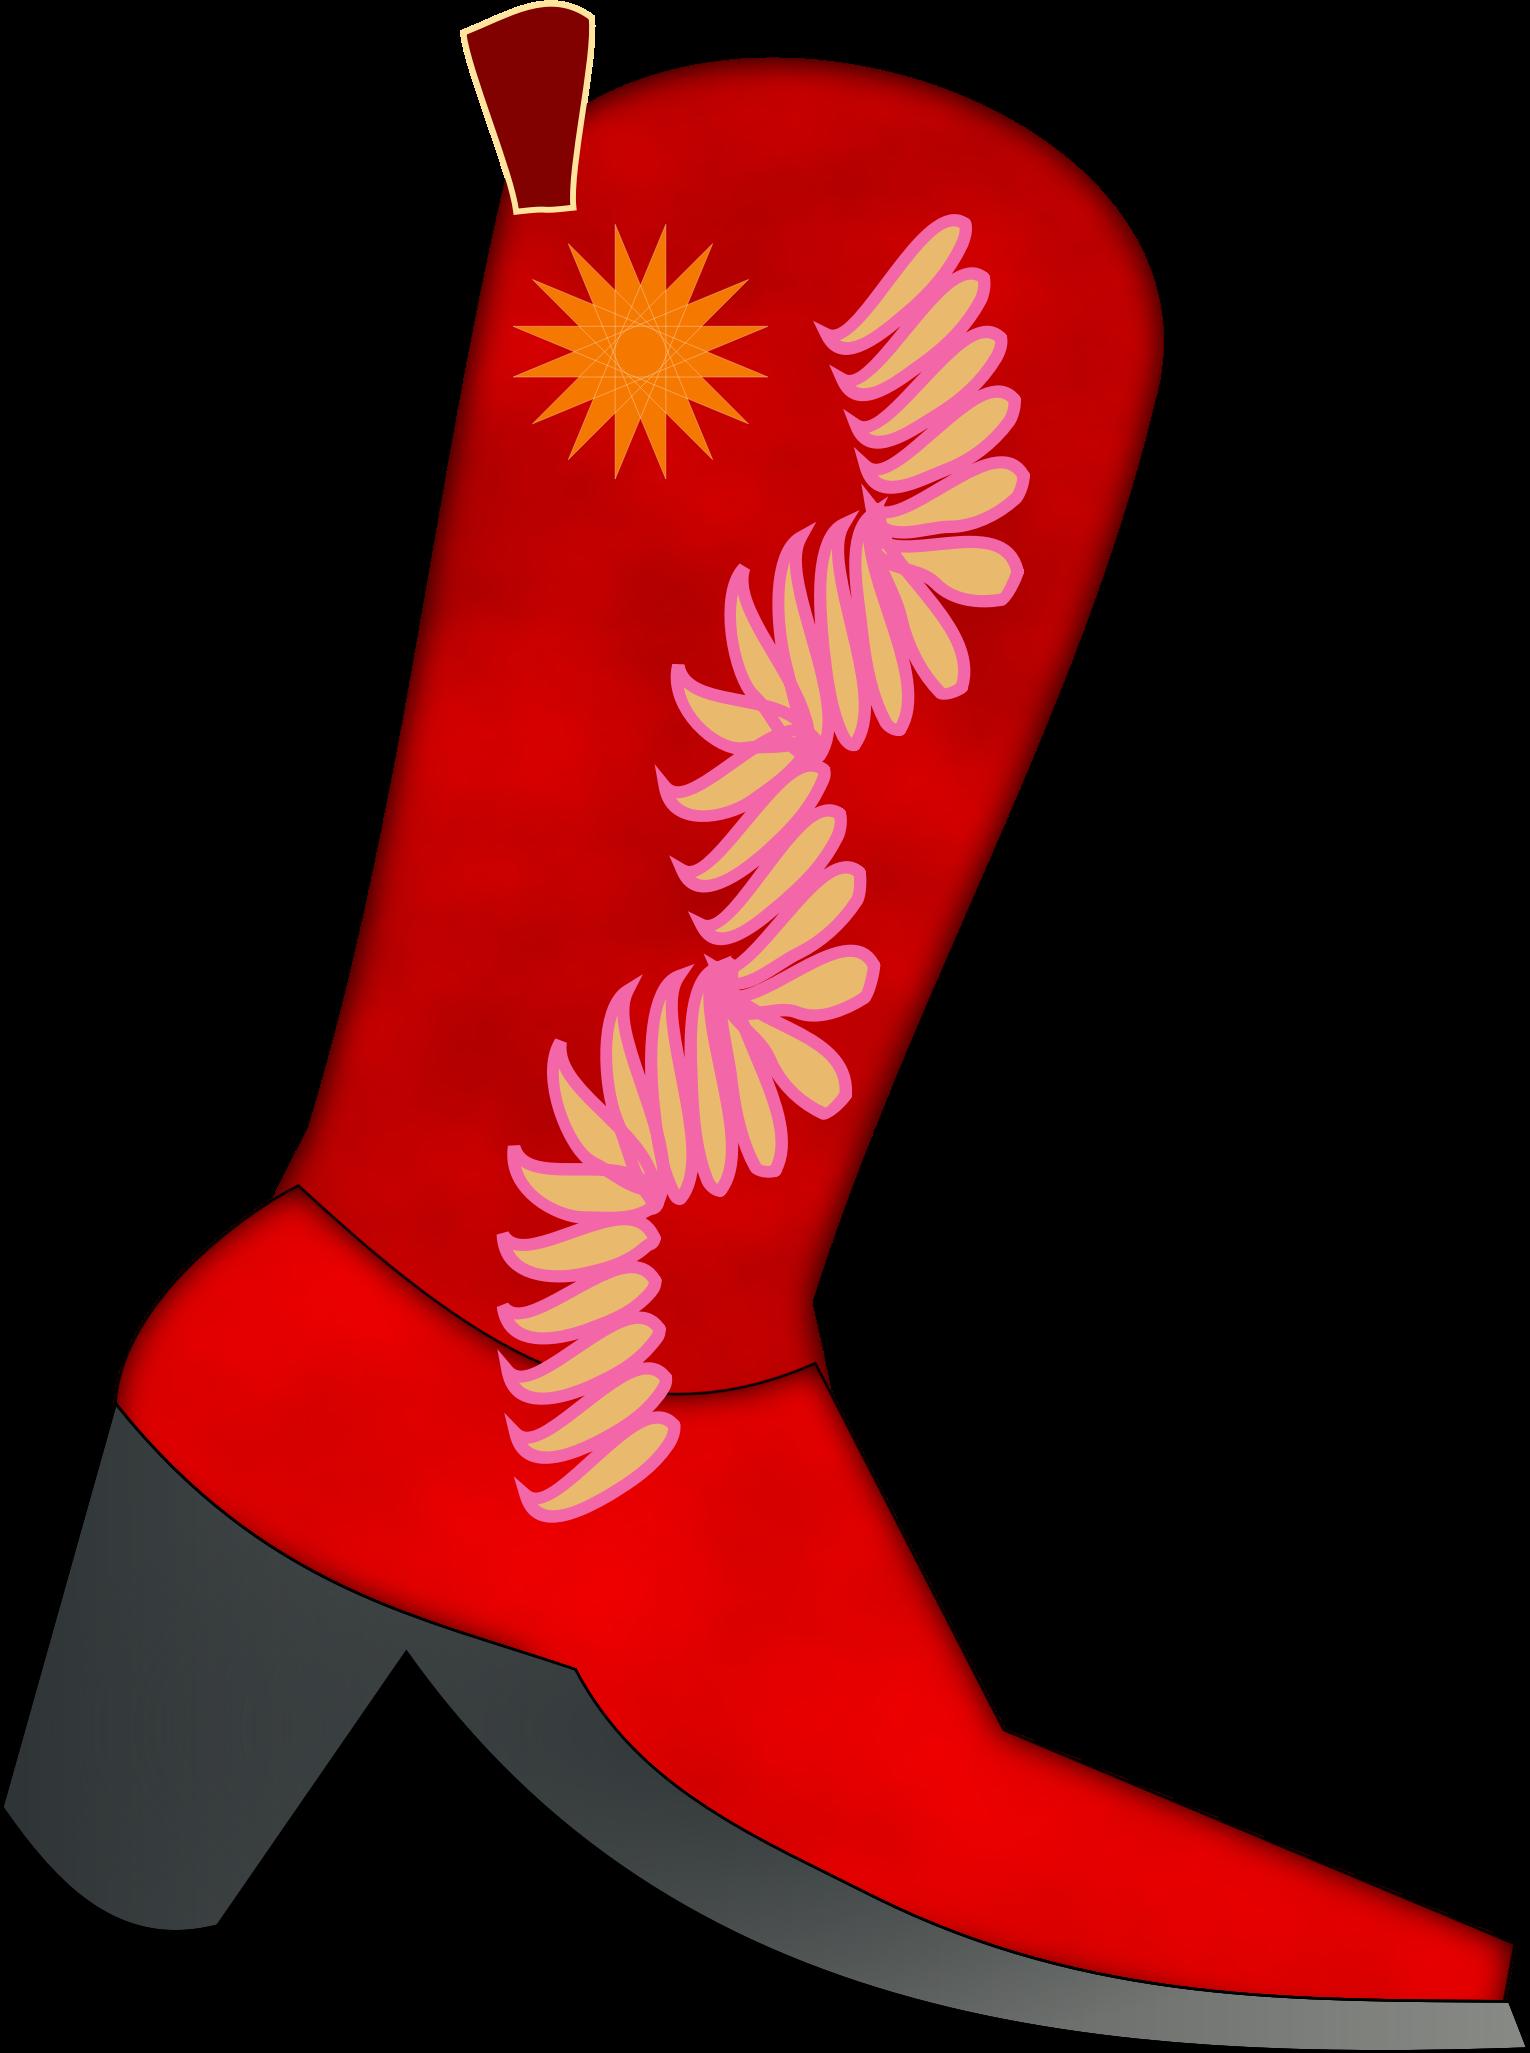 Women cowboy boot clipart banner transparent library HD Clip Art Download Clipart Cowboy Boots - Red Cowboy Boot ... banner transparent library